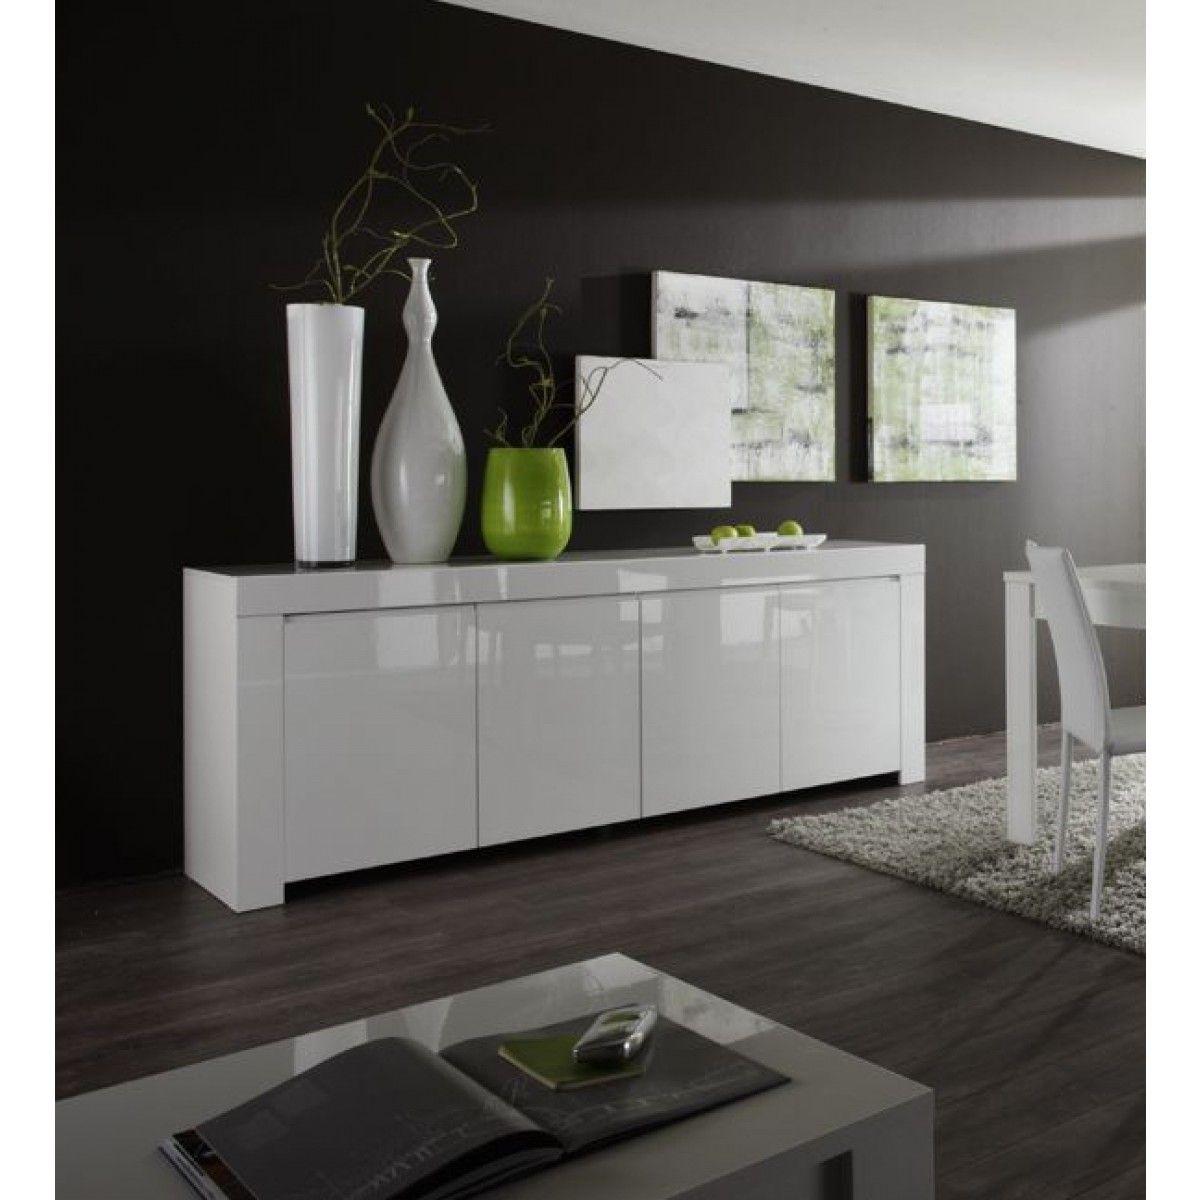 Buffet laqué blanc 4 portes Amalfi | Interieur | Pinterest ...